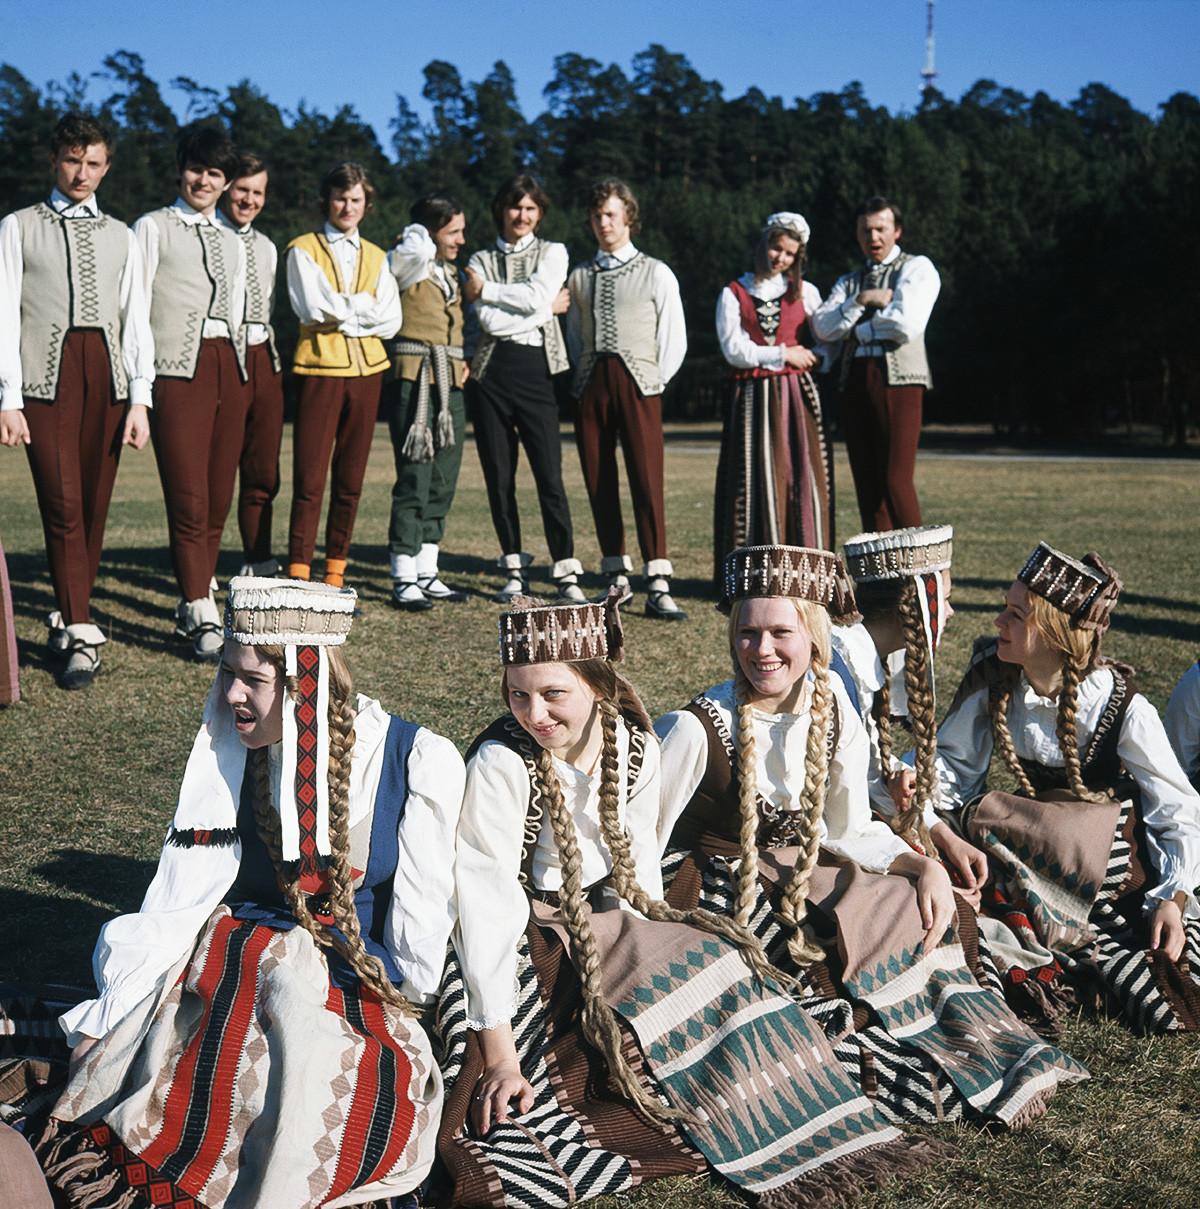 Ensemble musical de l'Université d'État de Vilnius, Lituanie, 1974